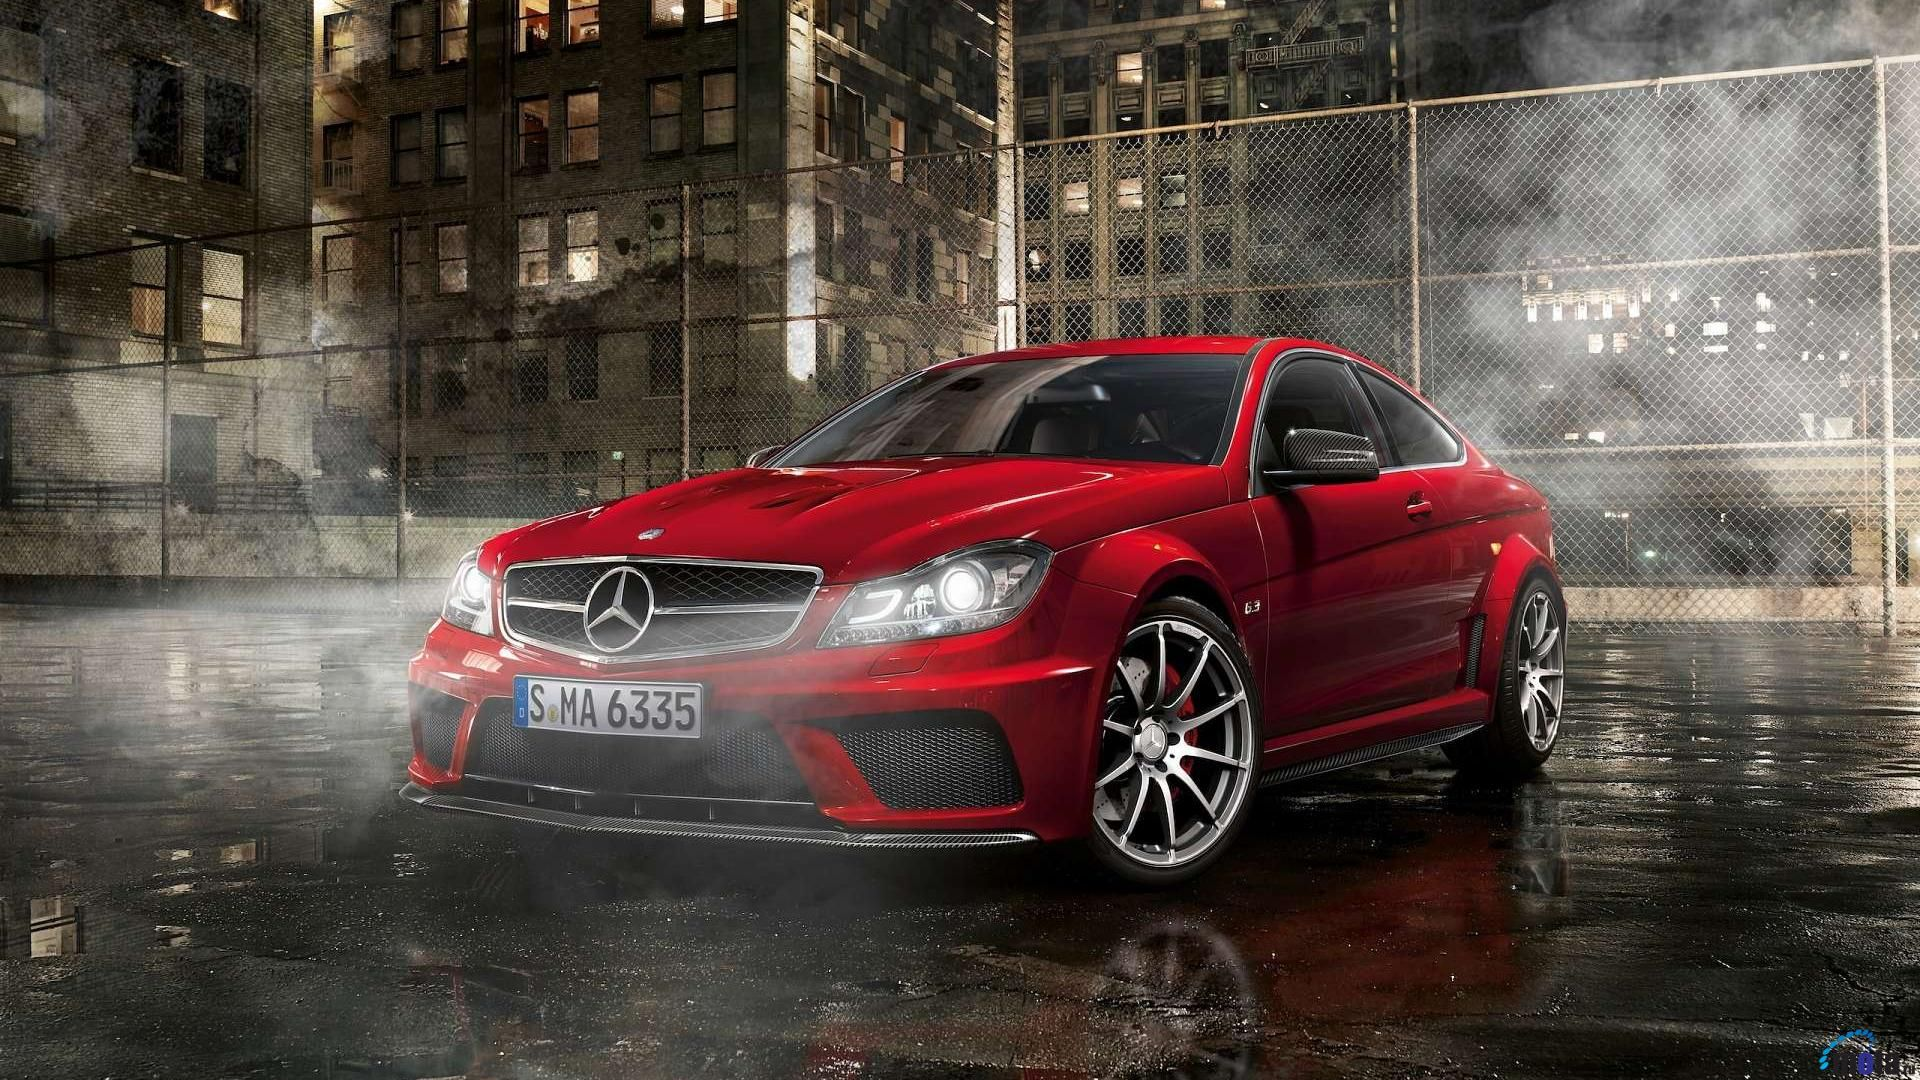 2012 mercedes benz c63 amg car wallpaper wallpaper free download - Racing Mercedes Benz Mercedes Benz Sls Amg Gt Wallpaper Download Wallpaper Pinterest Wallpaper